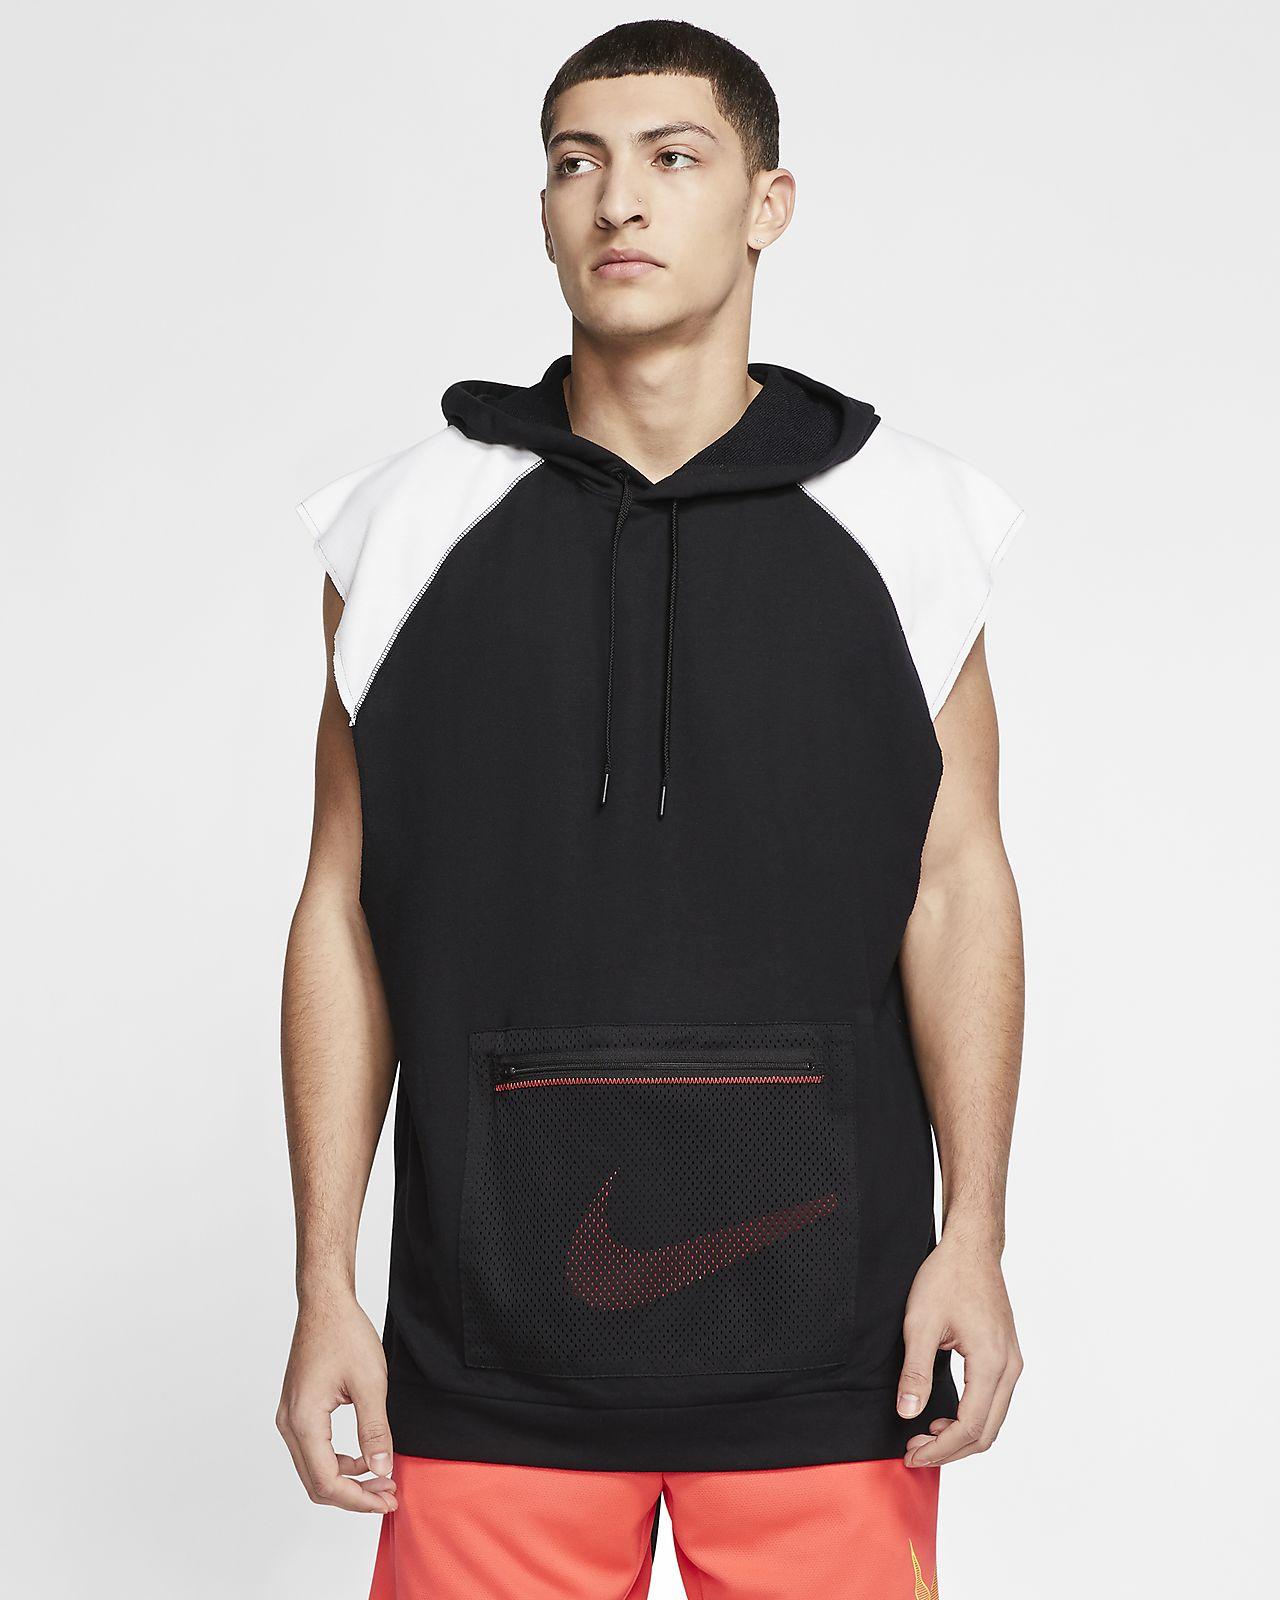 Sudadera con gorro de entrenamiento y tejido Fleece sin mangas para hombre Nike Dri-FIT